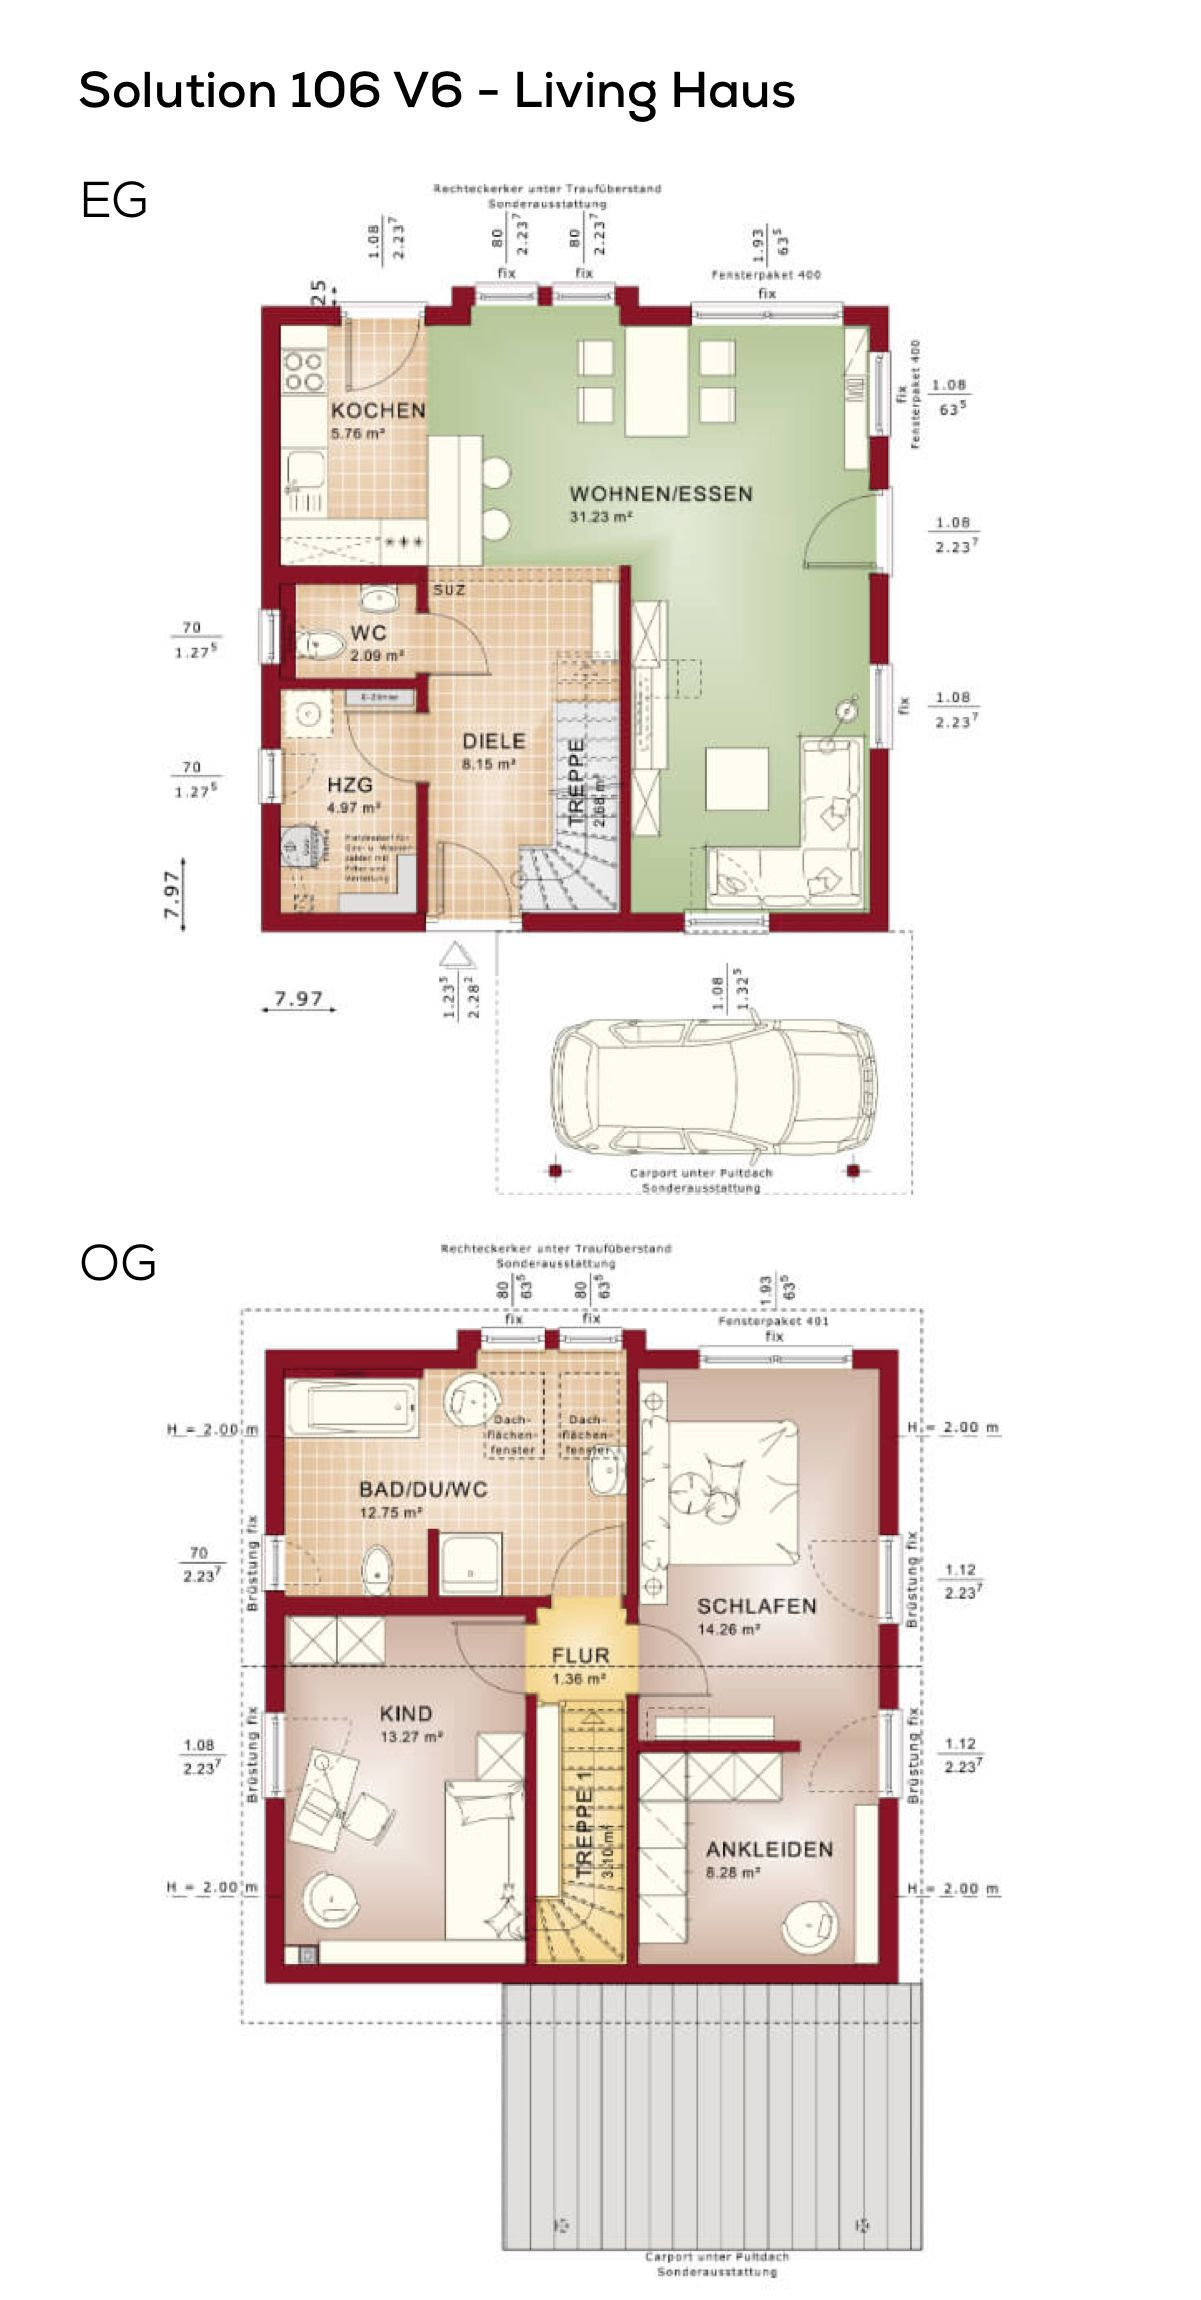 Bezaubernd Grundriss Einfamilienhaus 150 Qm Referenz Von Modern Mit Carport Und Satteldach Architektur -